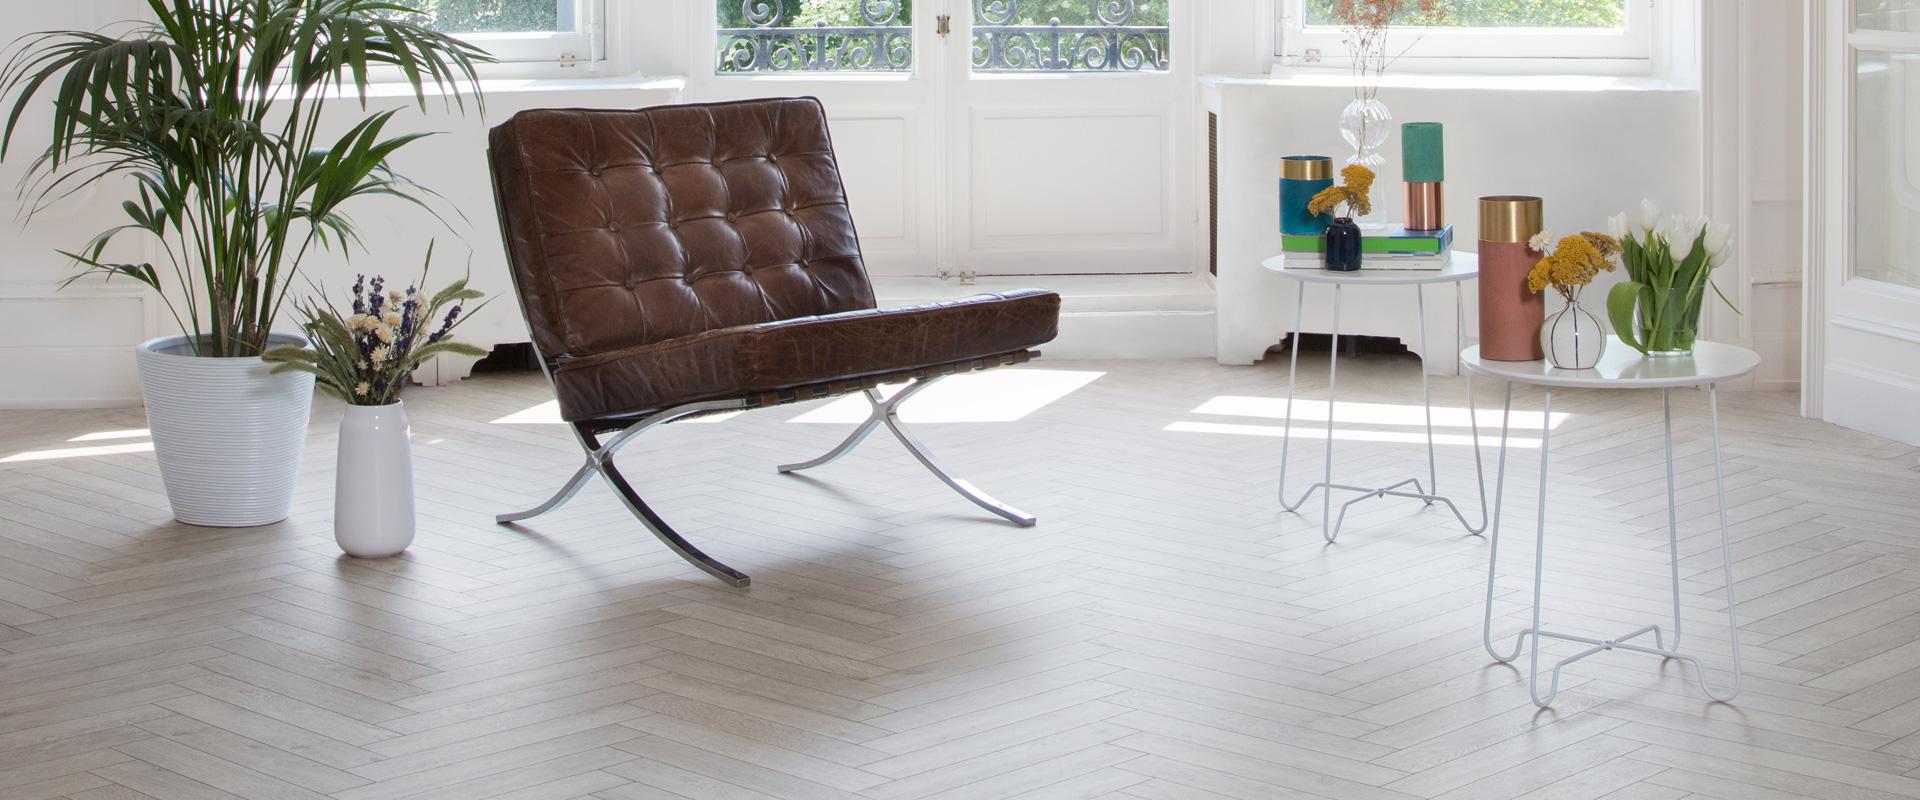 Warmte isolerende eigenschappen en isolerende werking van PVC vloeren